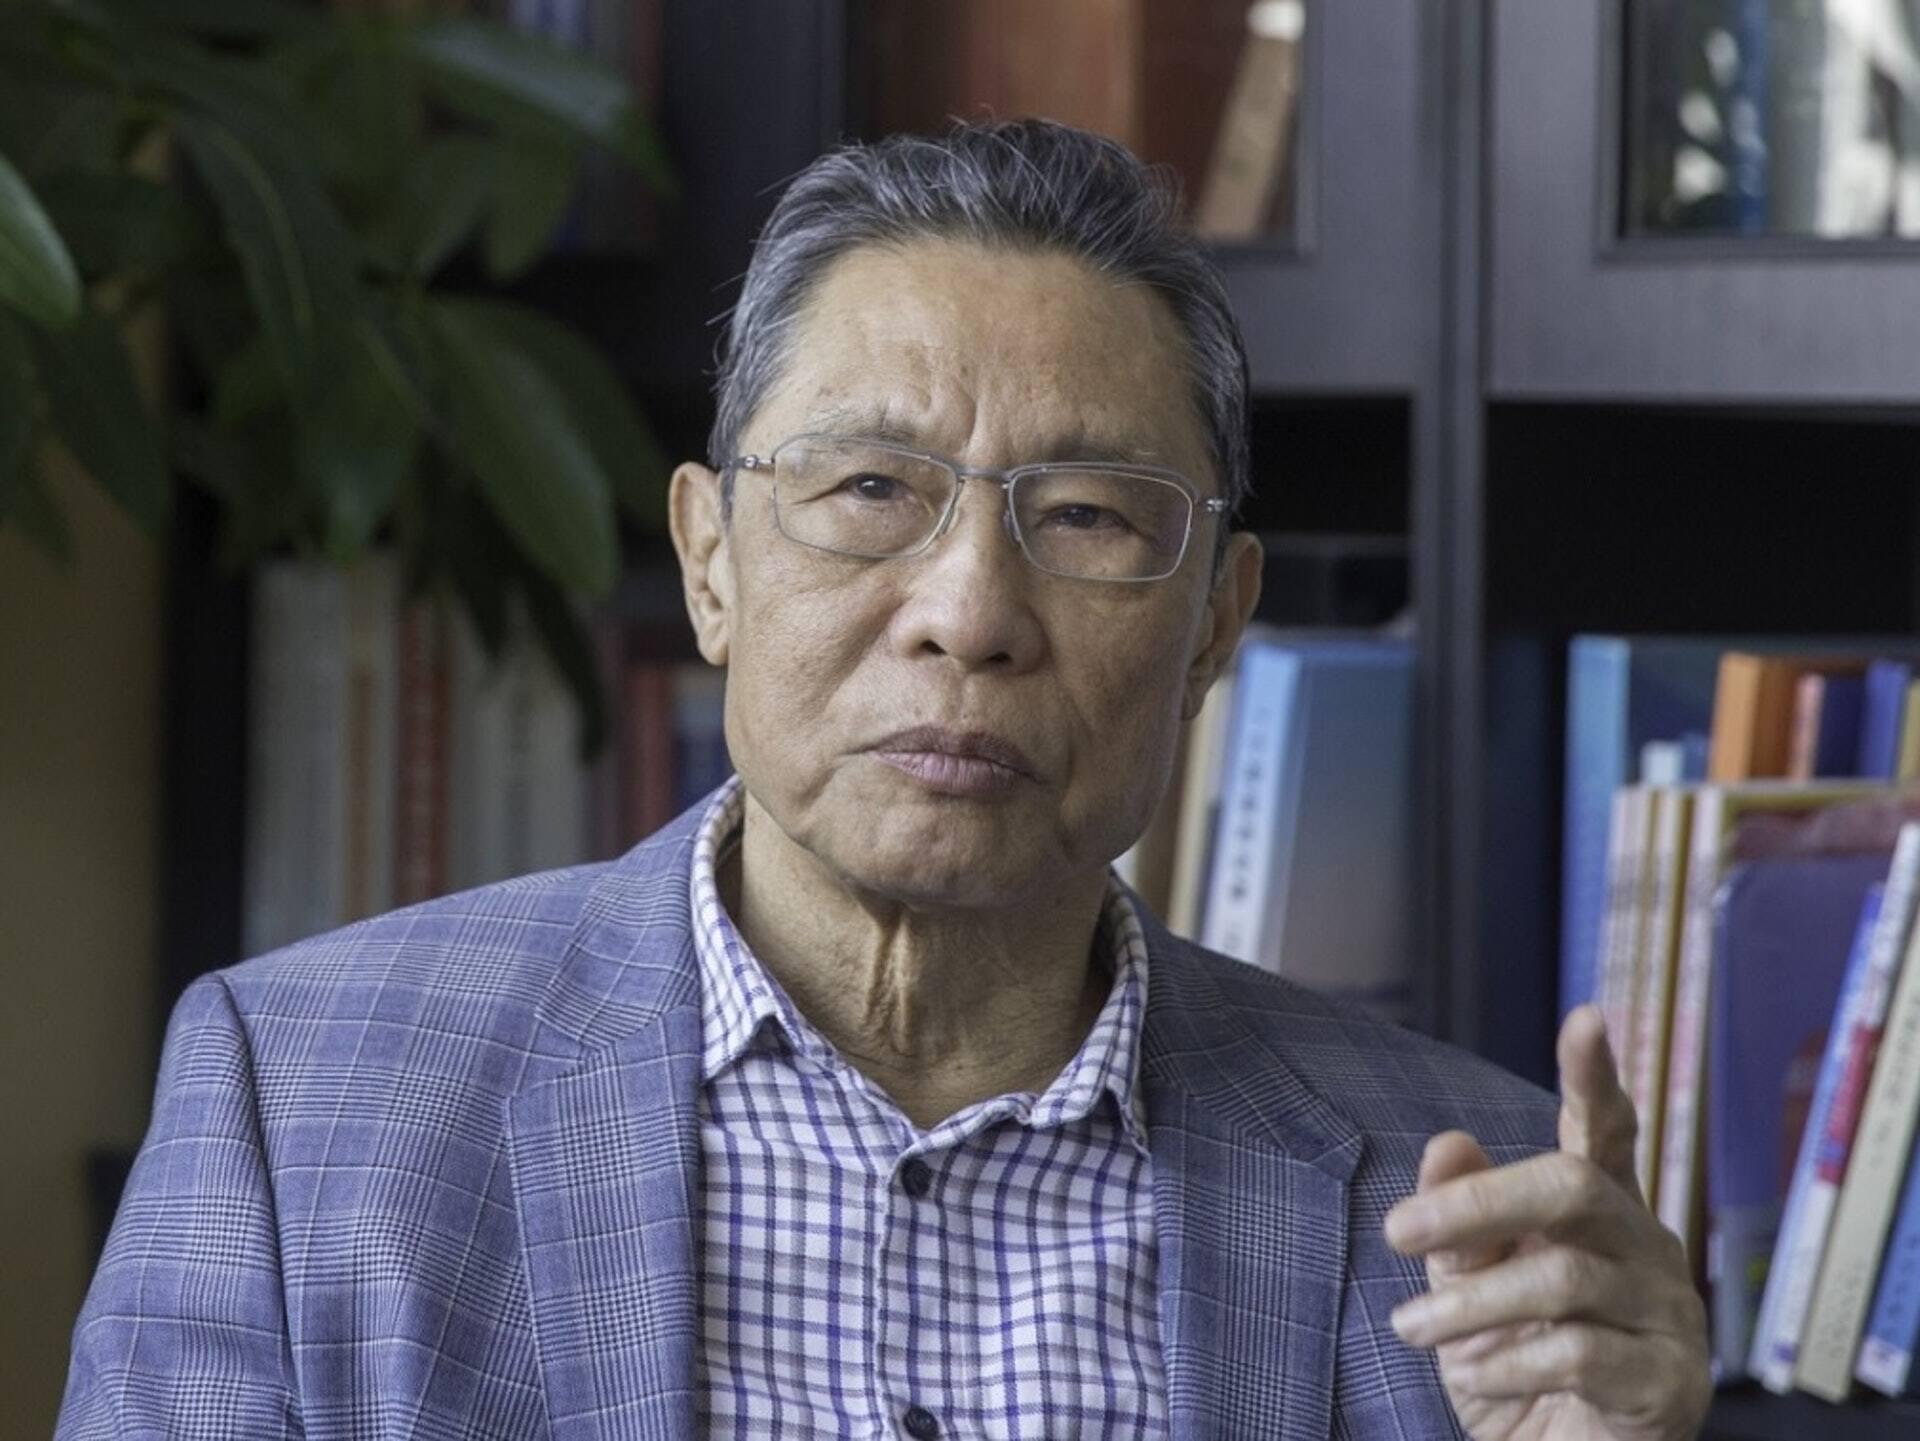 抗病毒特效药火爆,钟南山提醒:新药临床实验一定要守规矩